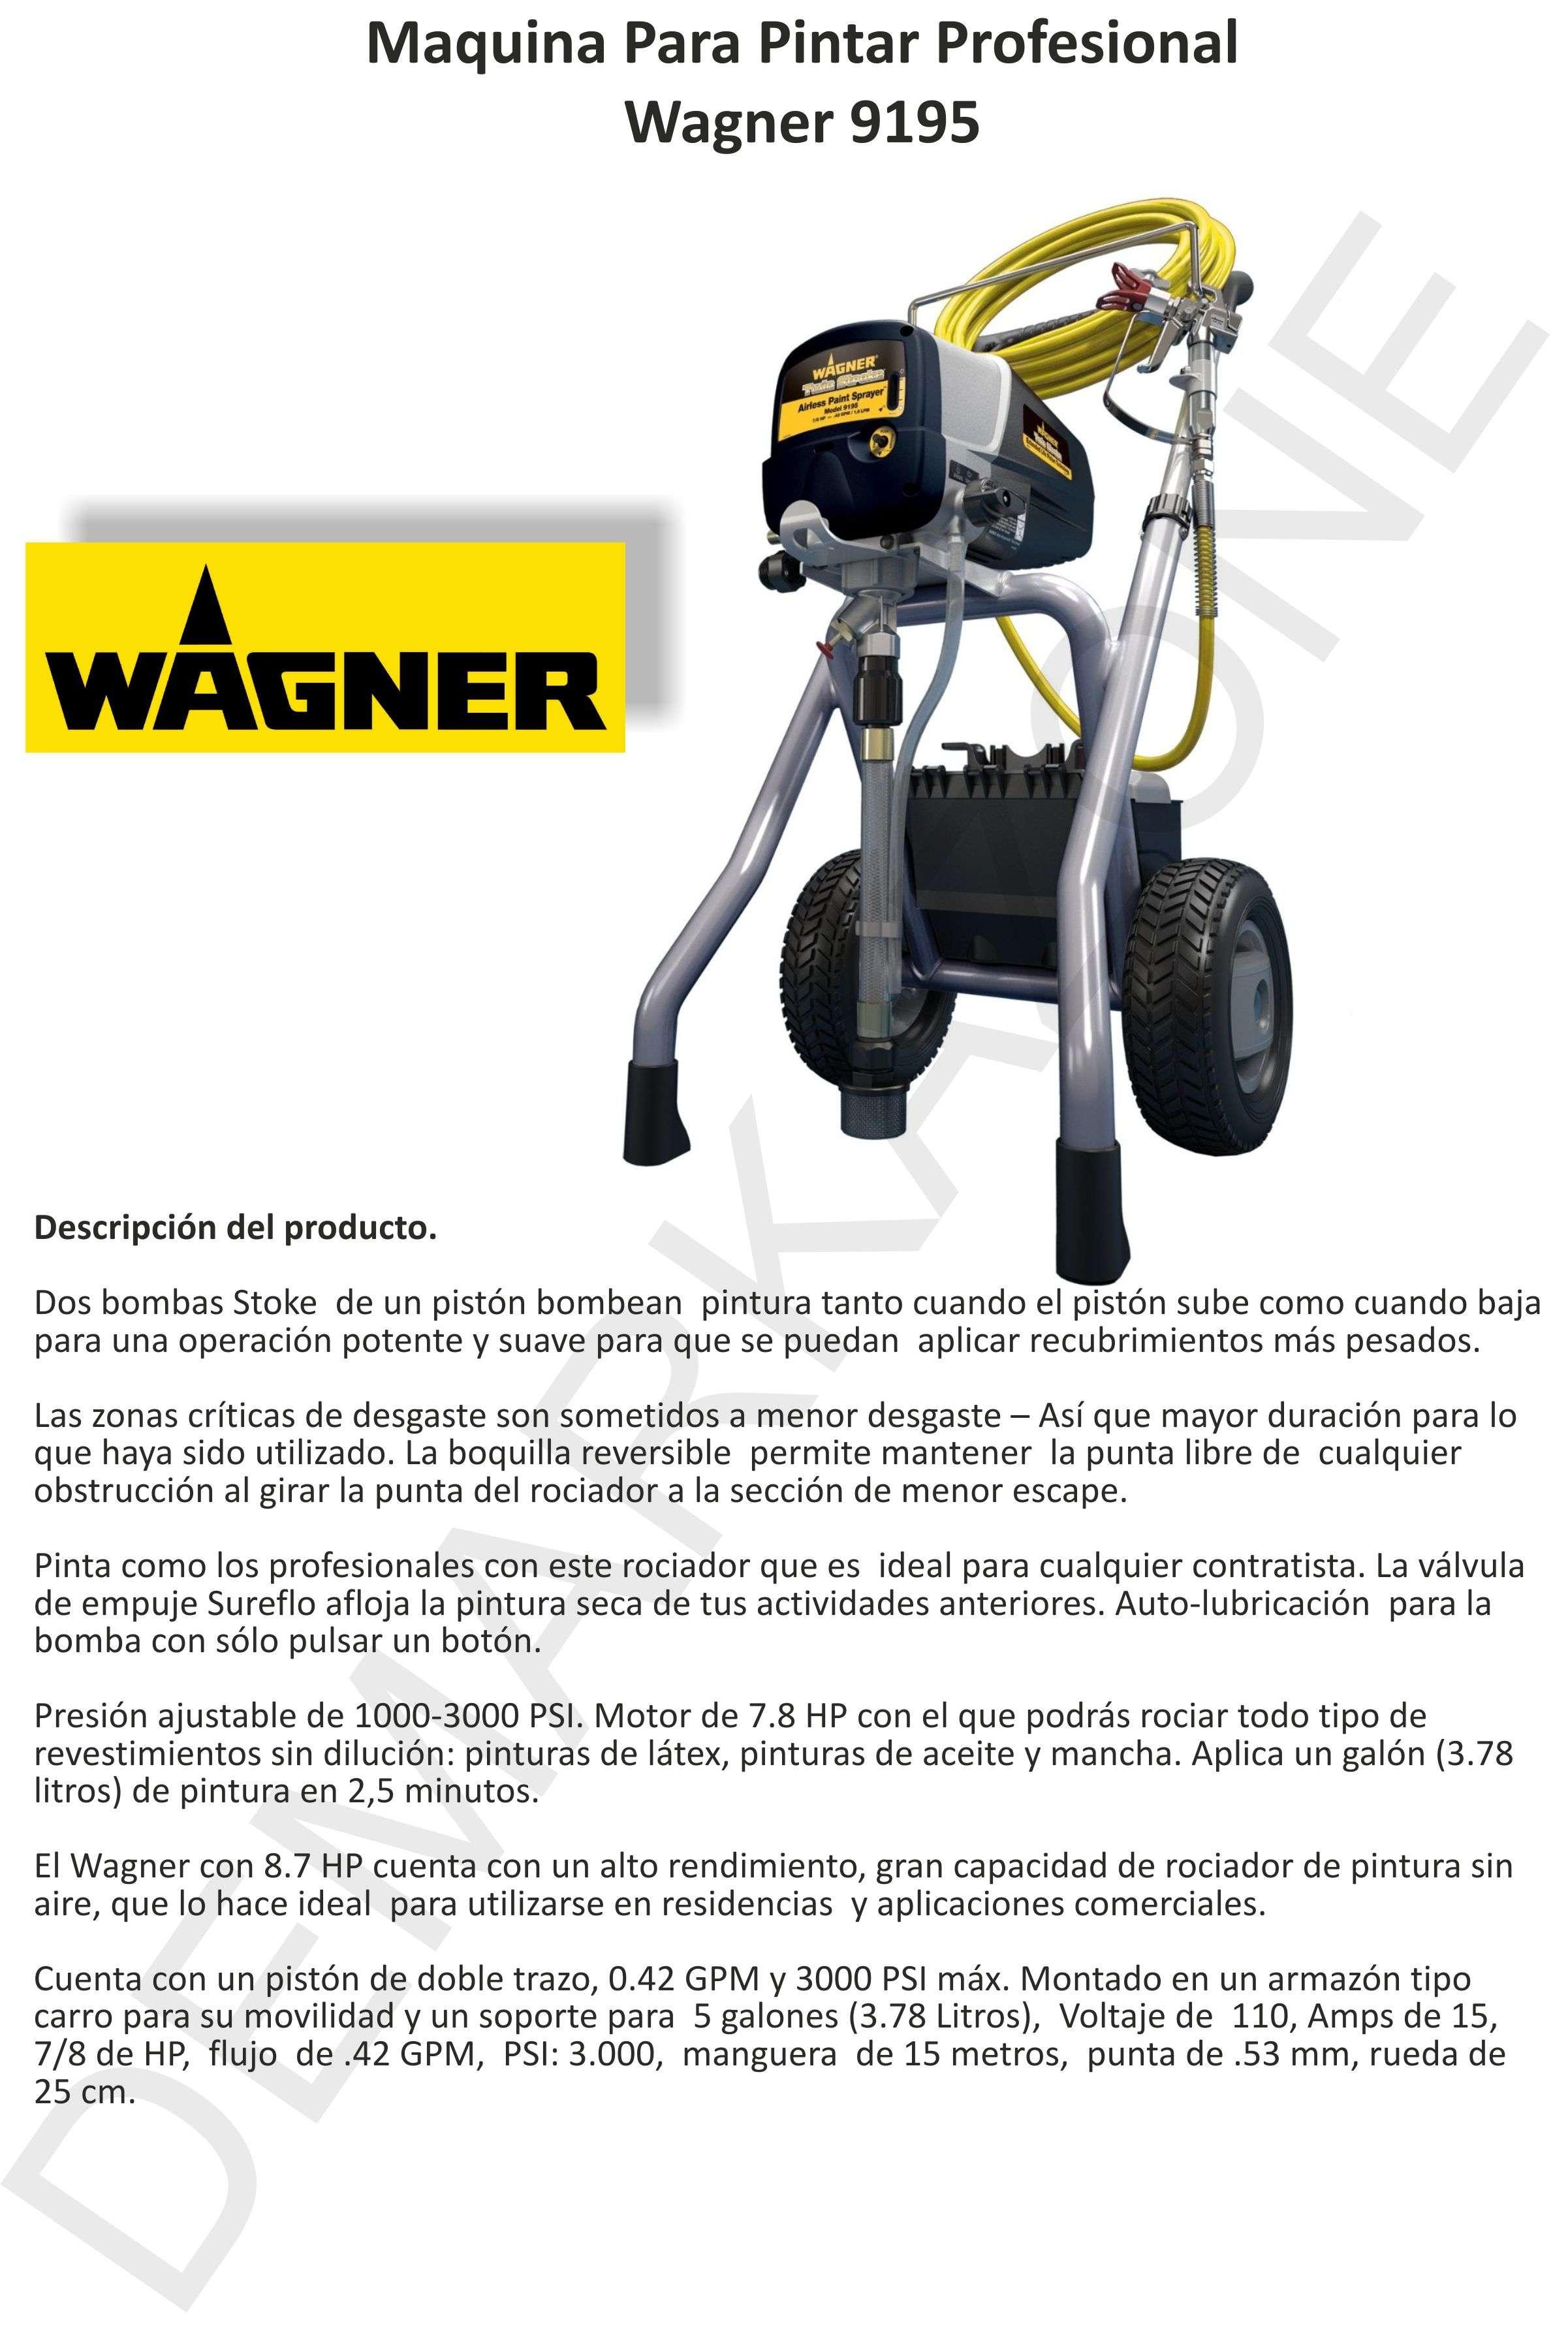 Maquina para pintar wagner 9195 airless pintura bfn otros - Maquinas para pintar ...